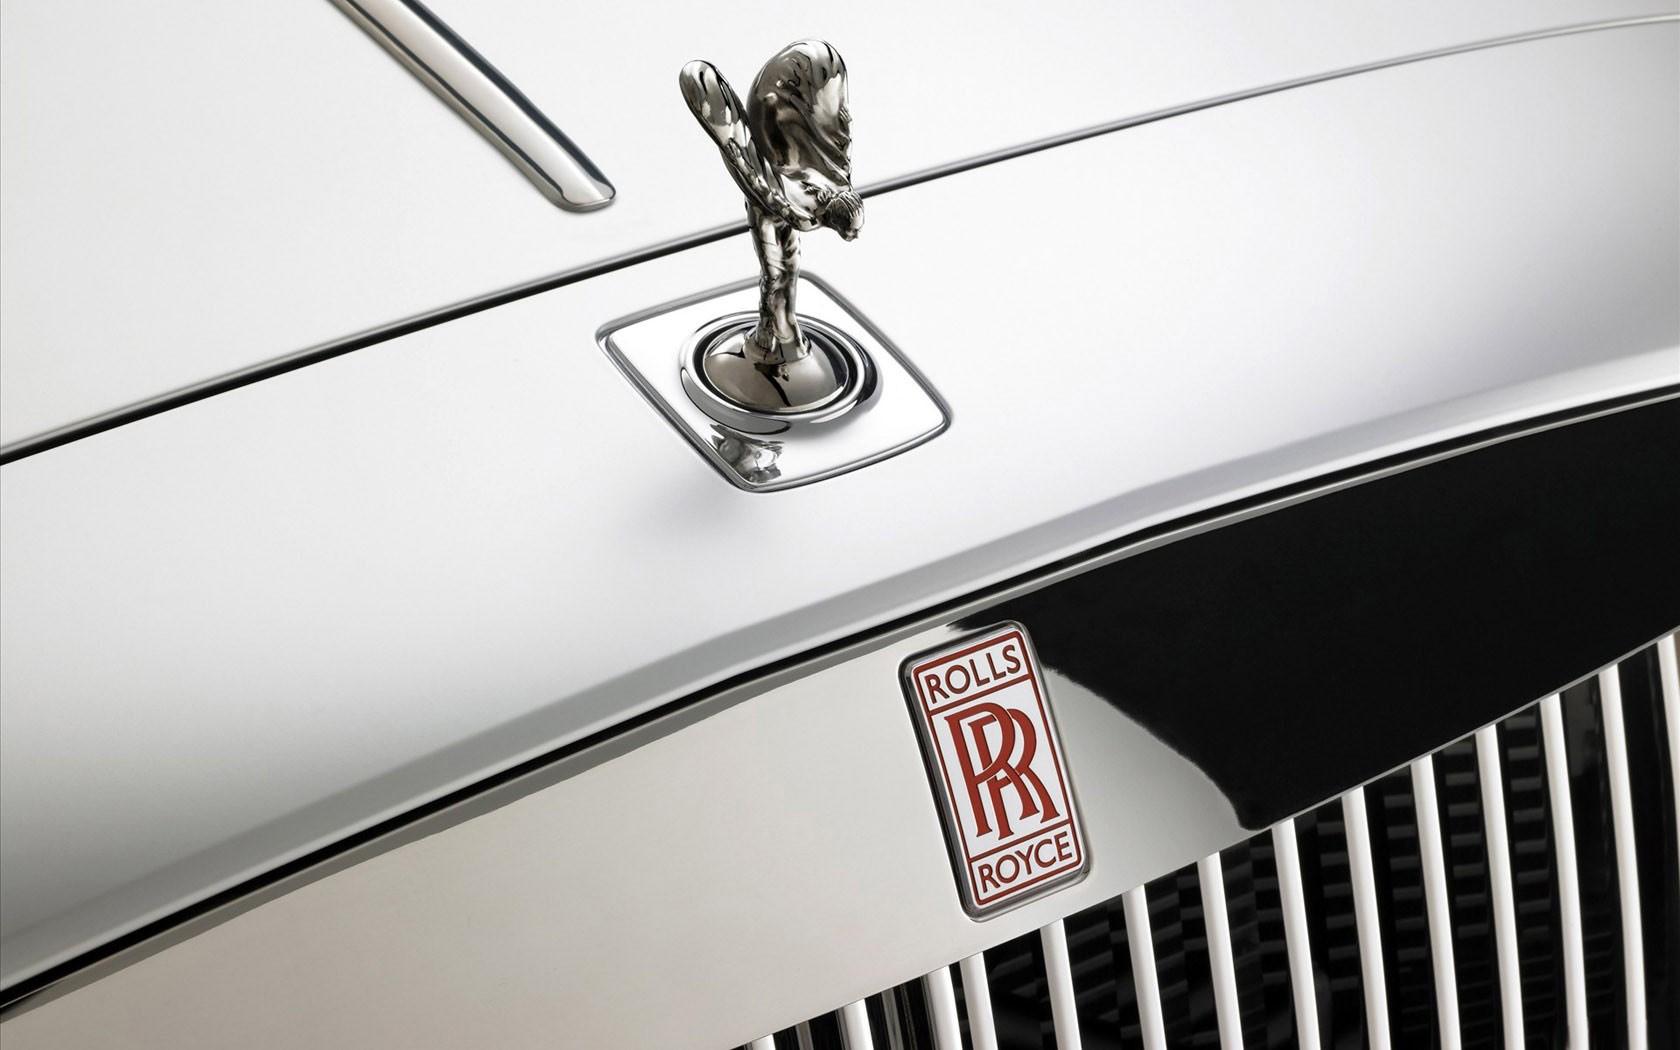 Летом вырос спрос наавтомобили Роллс Ройс